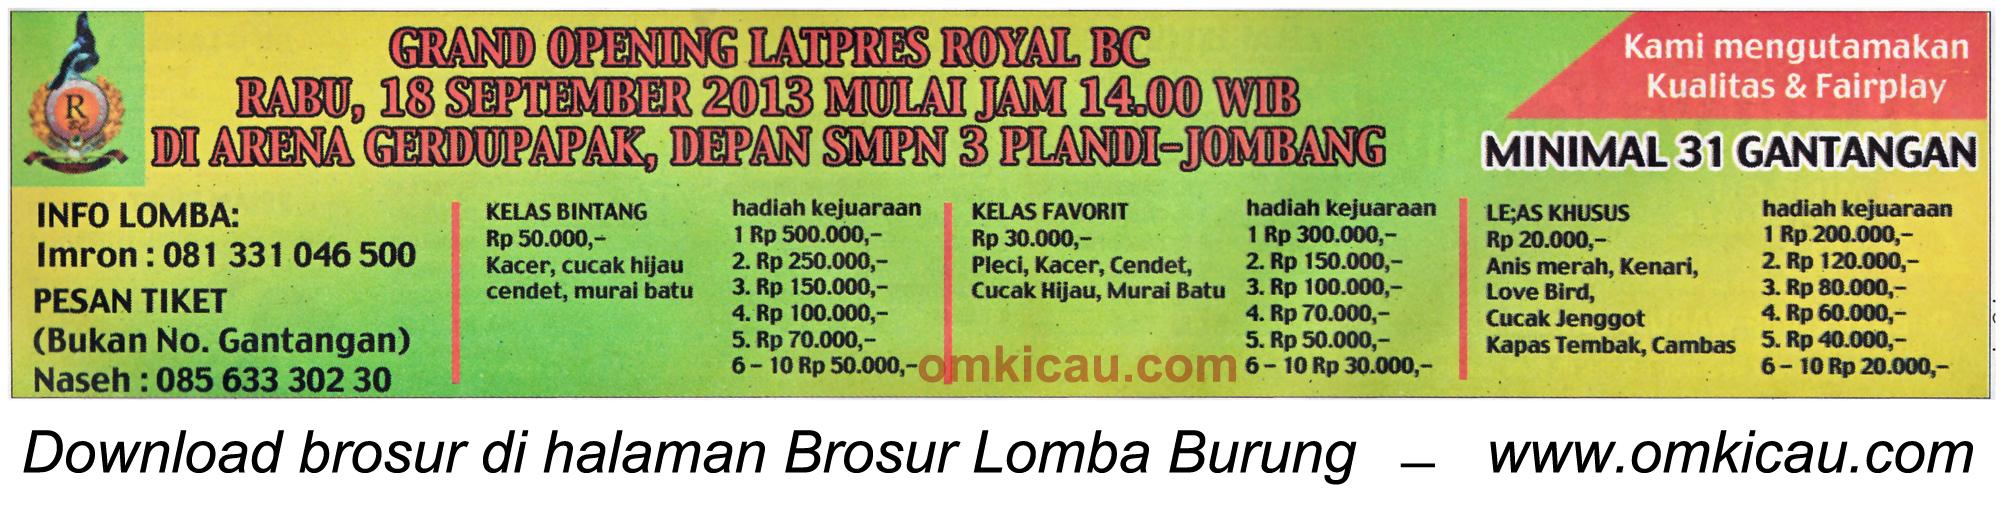 Brosur Grand Opening Latpres Royal BC Jombang 18 Sept 2013